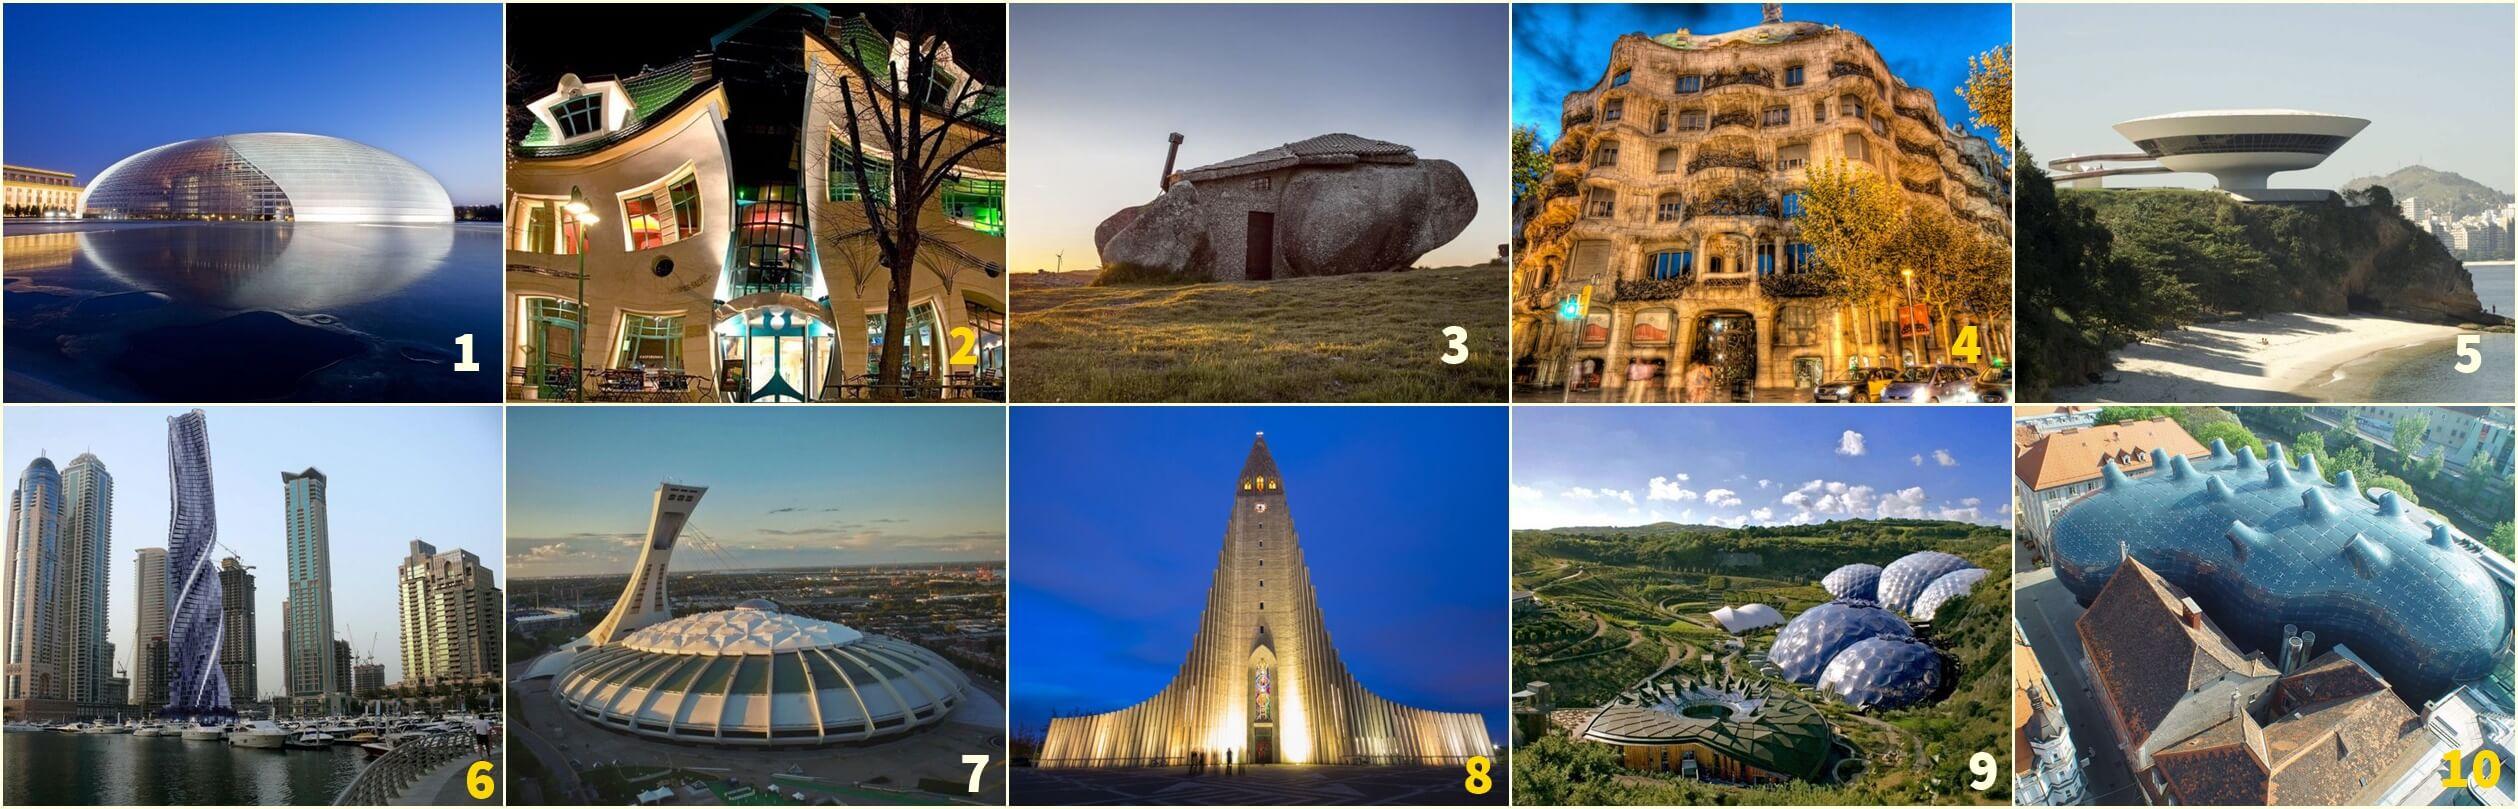 i 10 edifici più originali del mondo